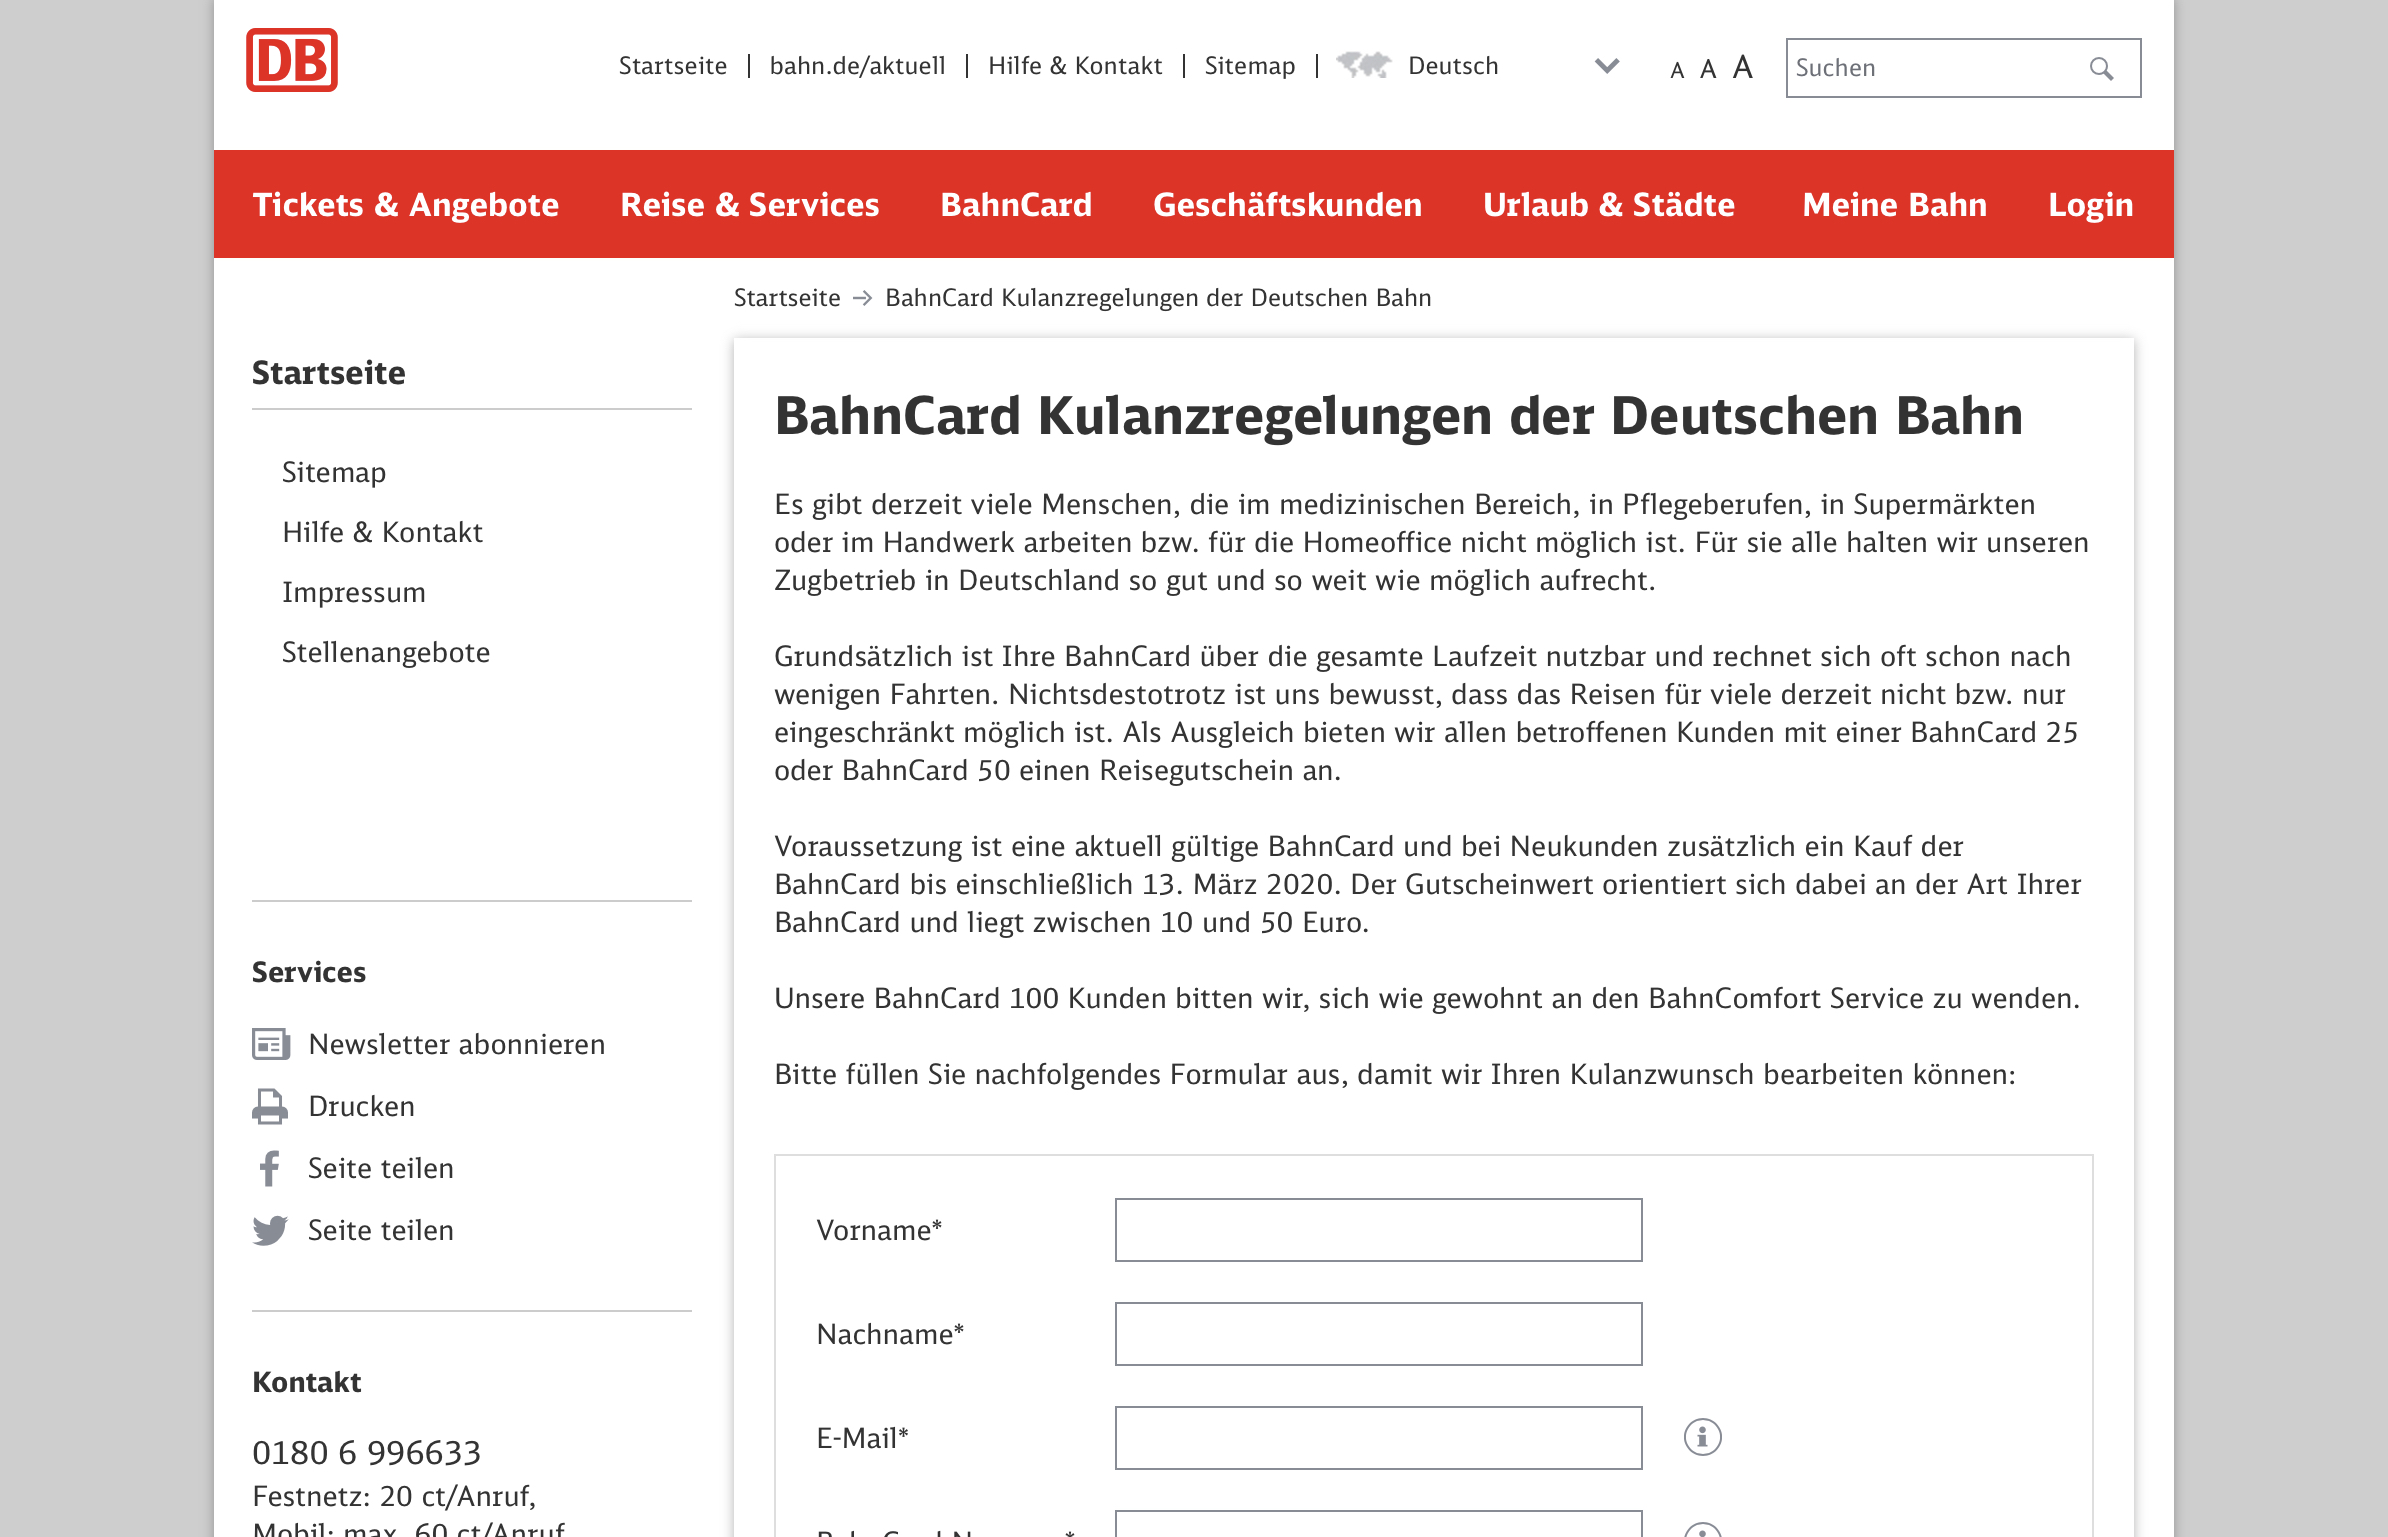 Bahncard Kulanzregelung